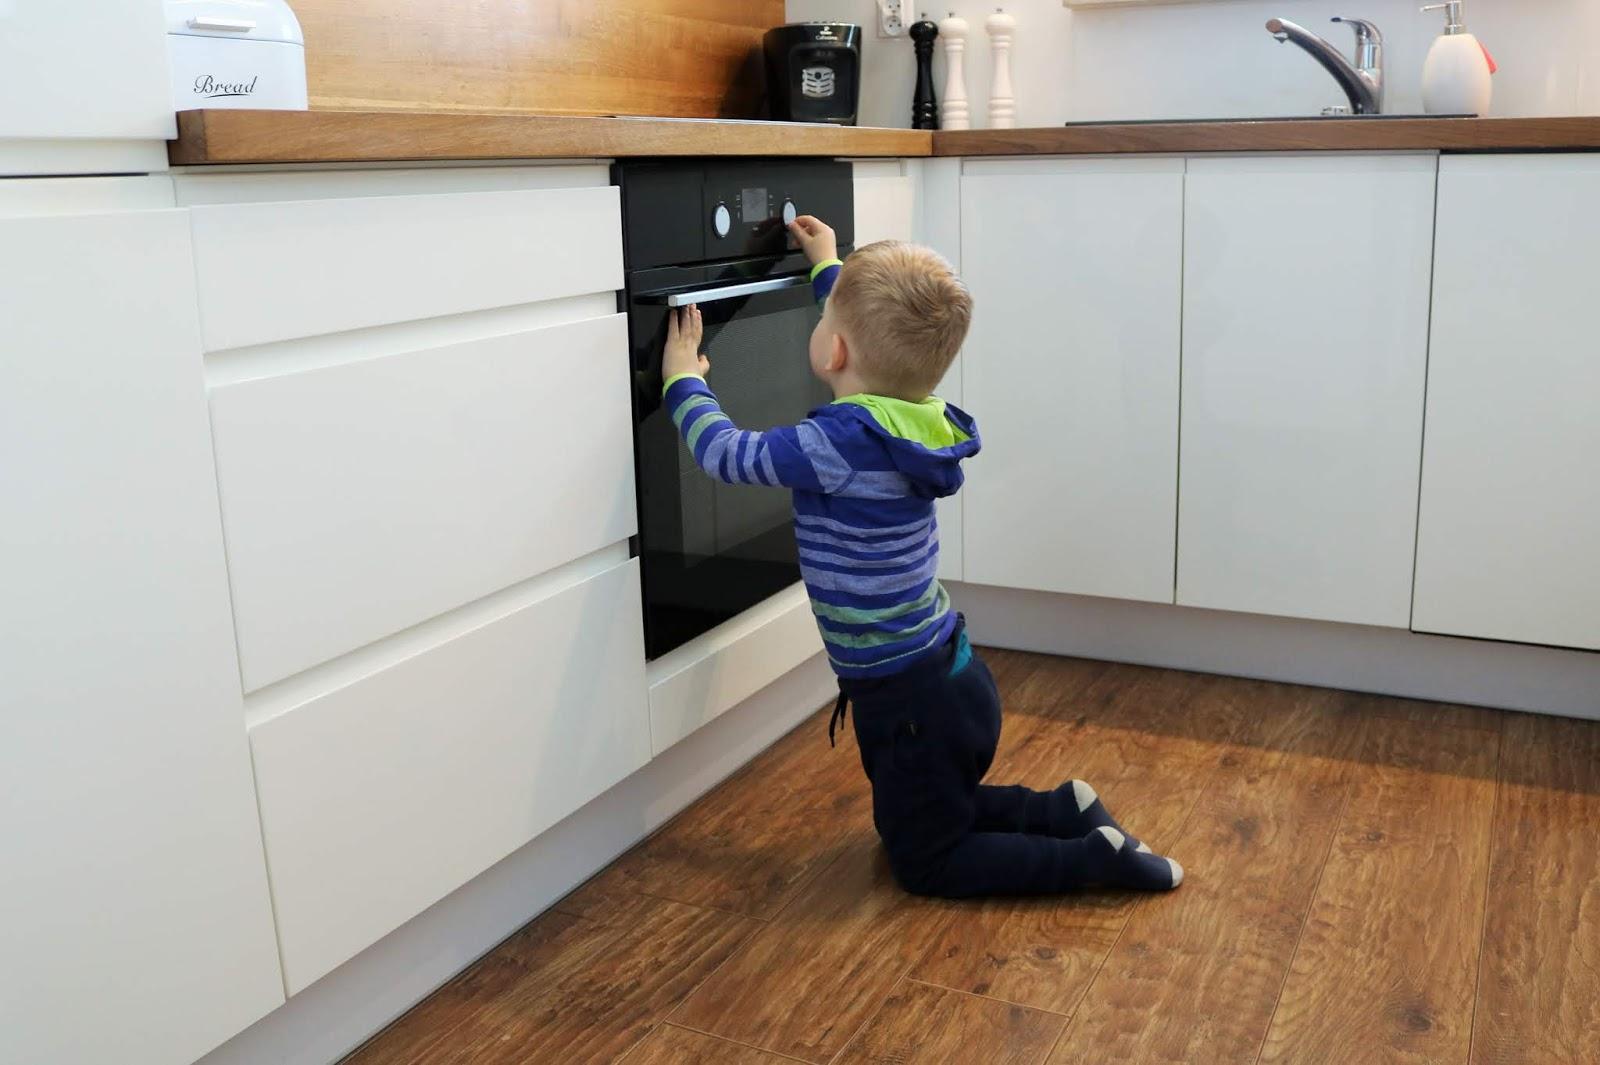 jak dbać o bezpieczeństwo dzieci w kuchni